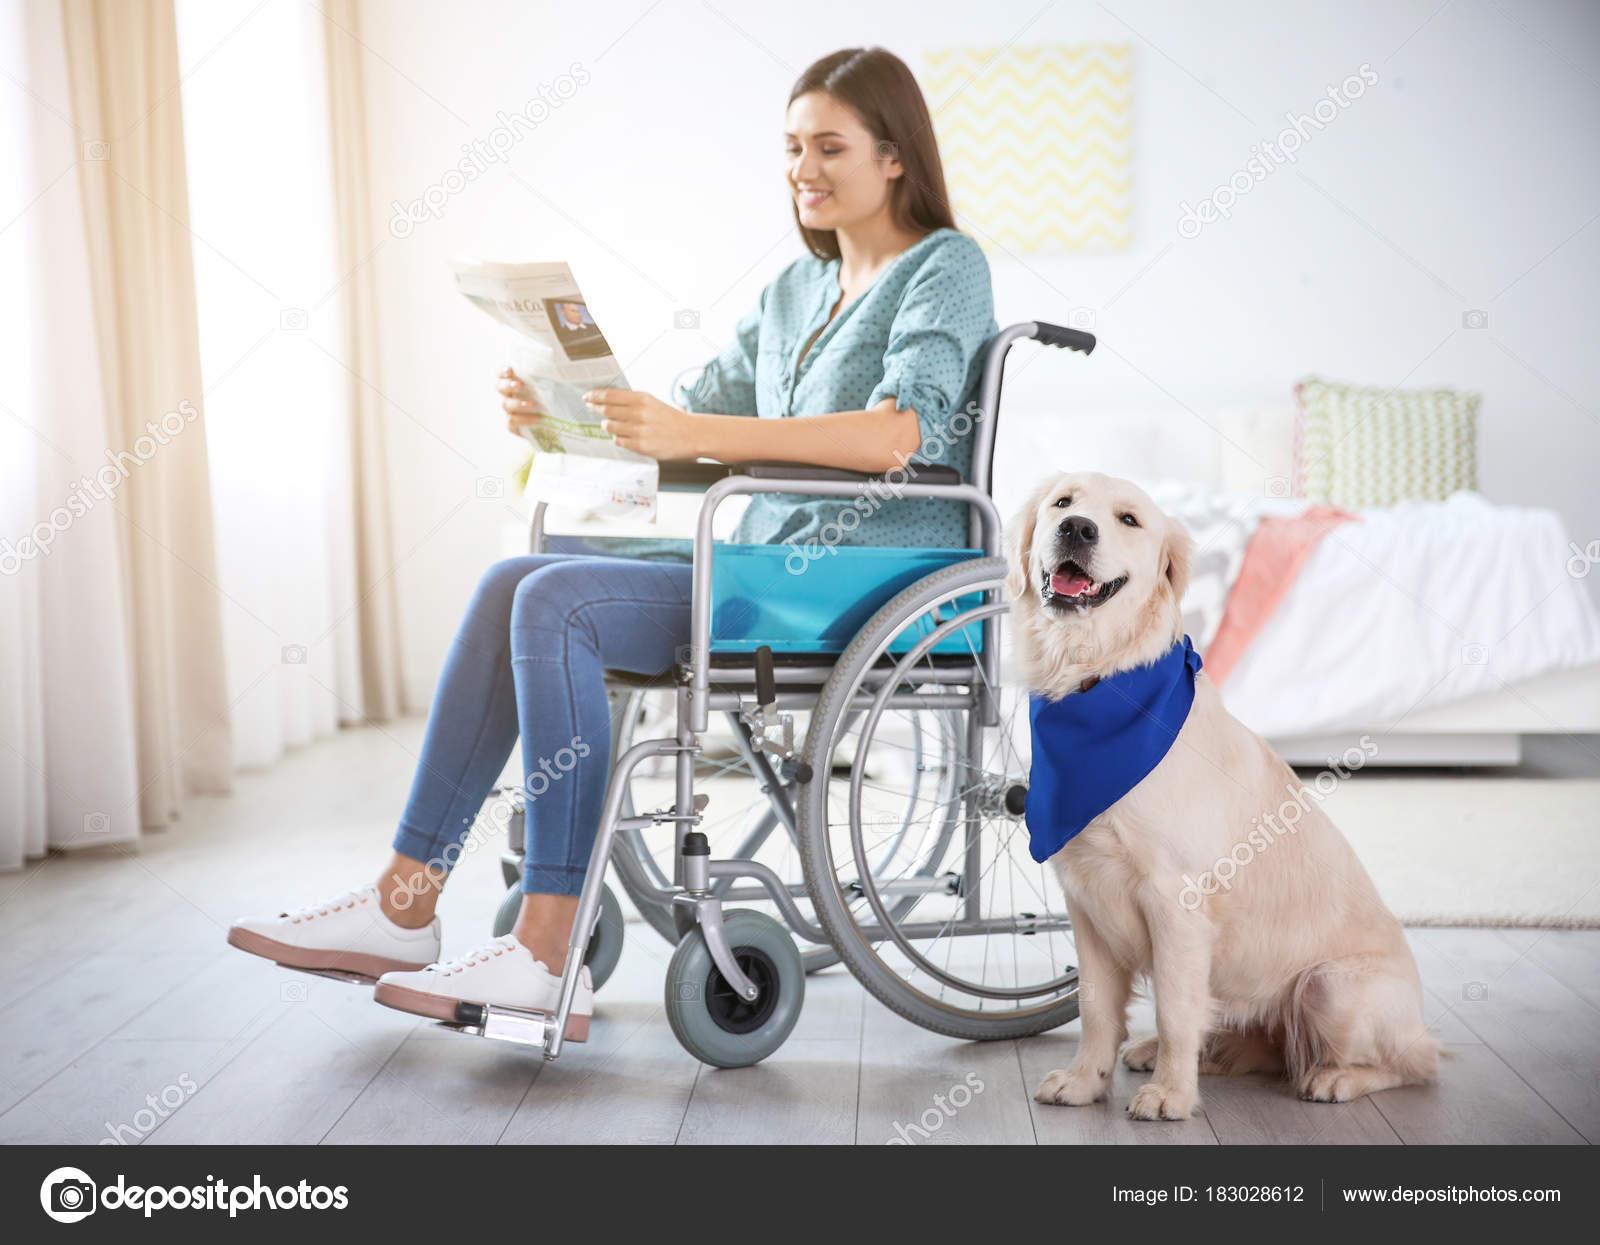 Sedie A Rotelle Leggere : Donna in sedia a rotelle leggendo giornale u foto stock